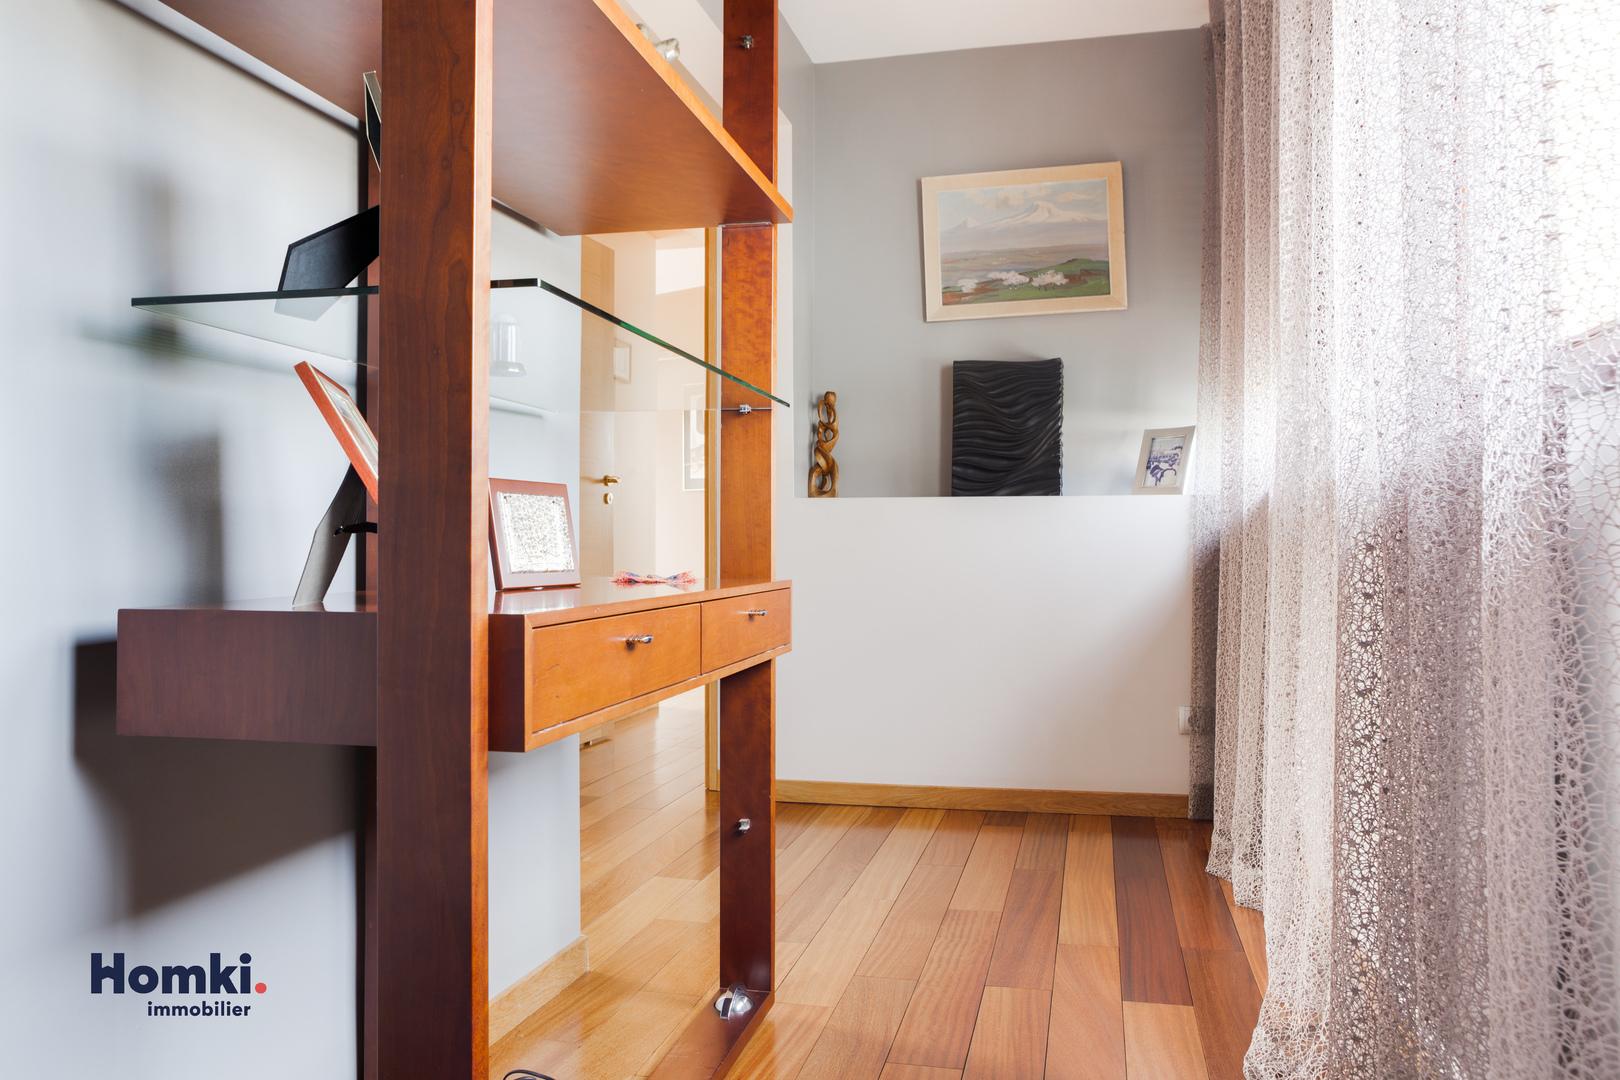 Maison I 150 m² I T4/5 I 69500 | photo 12